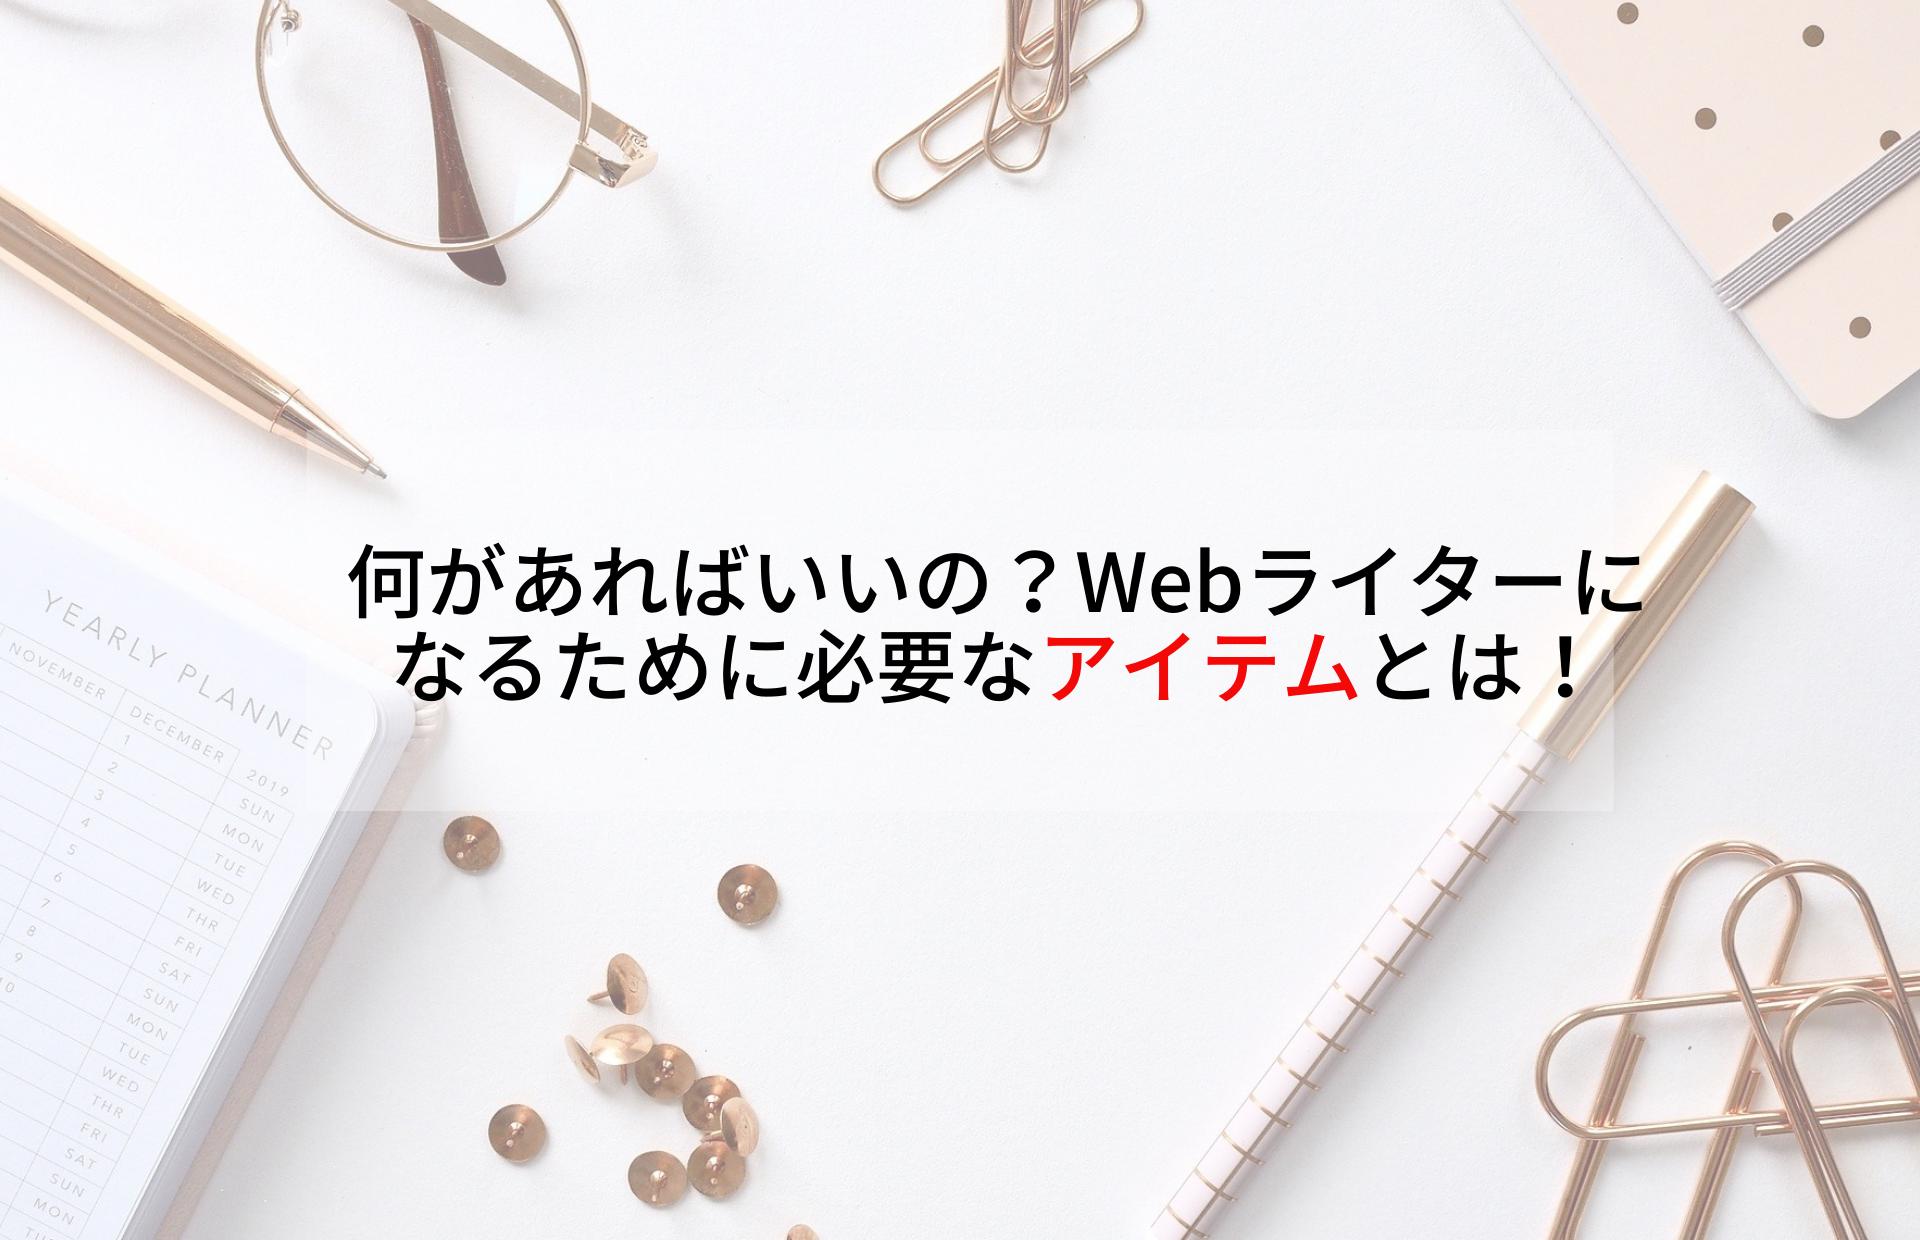 何があればいいの?Webライターになるために必要なアイテムとは!